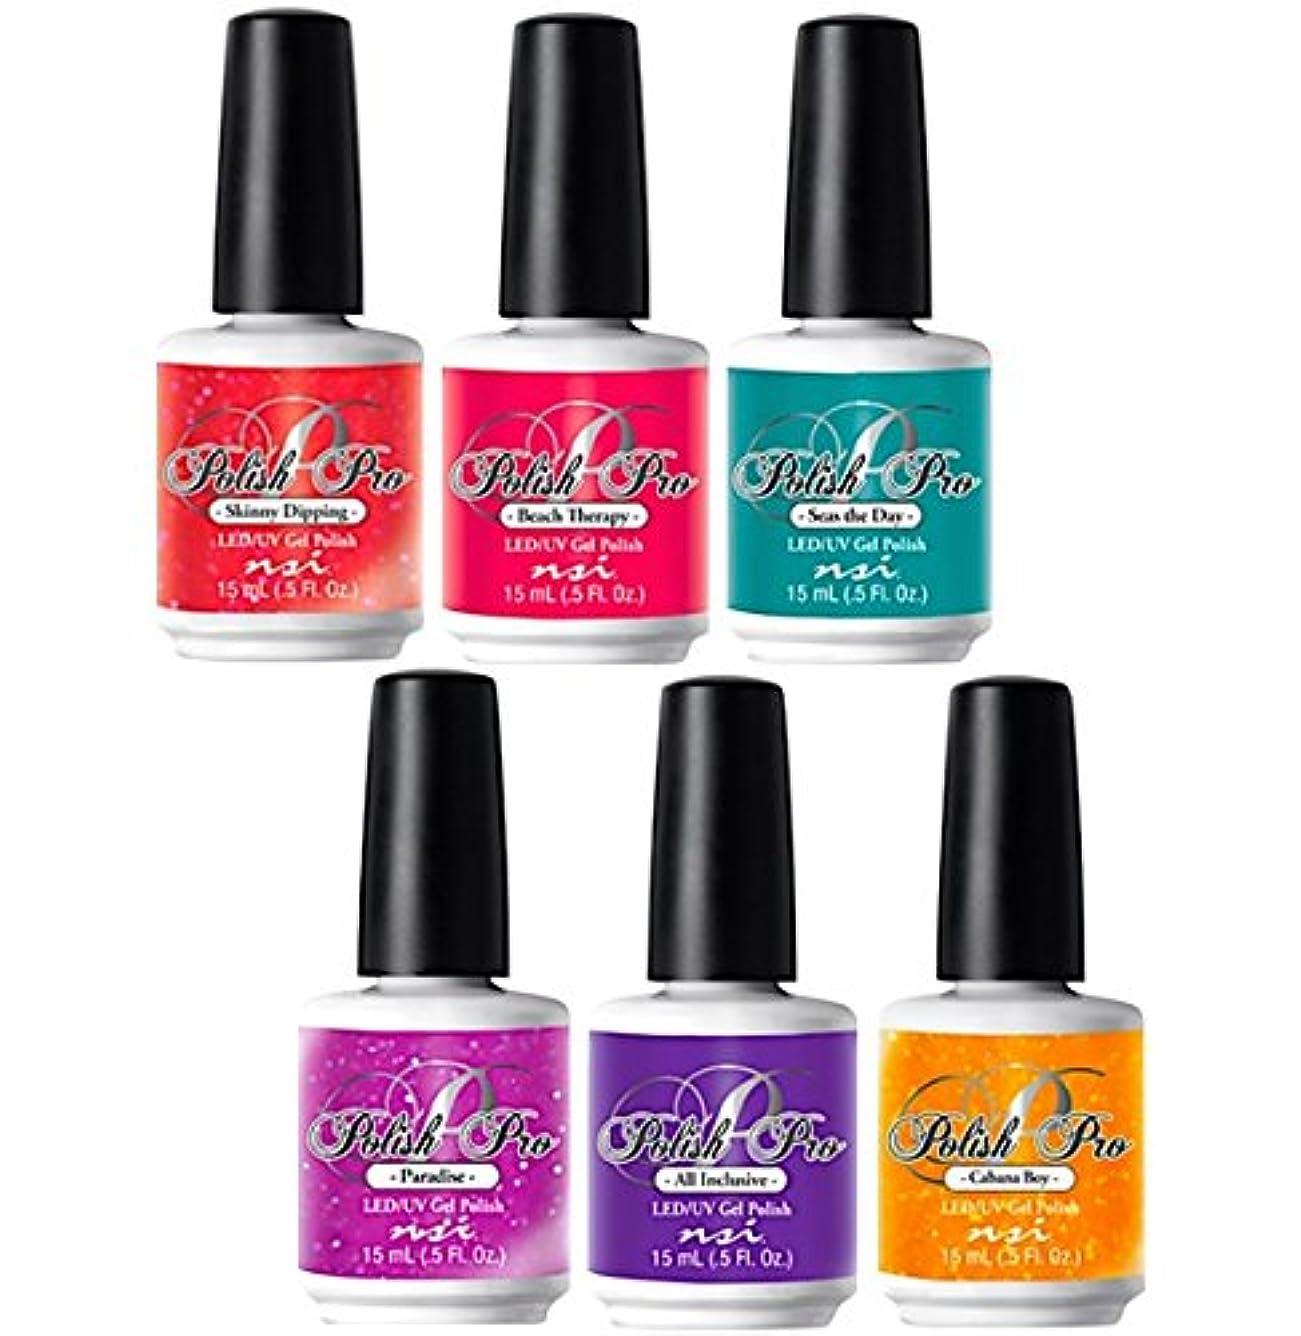 自明入場料スプリットNSI Polish Pro Gel Polish - The Island Resort Collection - All 6 Colors - 15 ml/0.5 oz Each